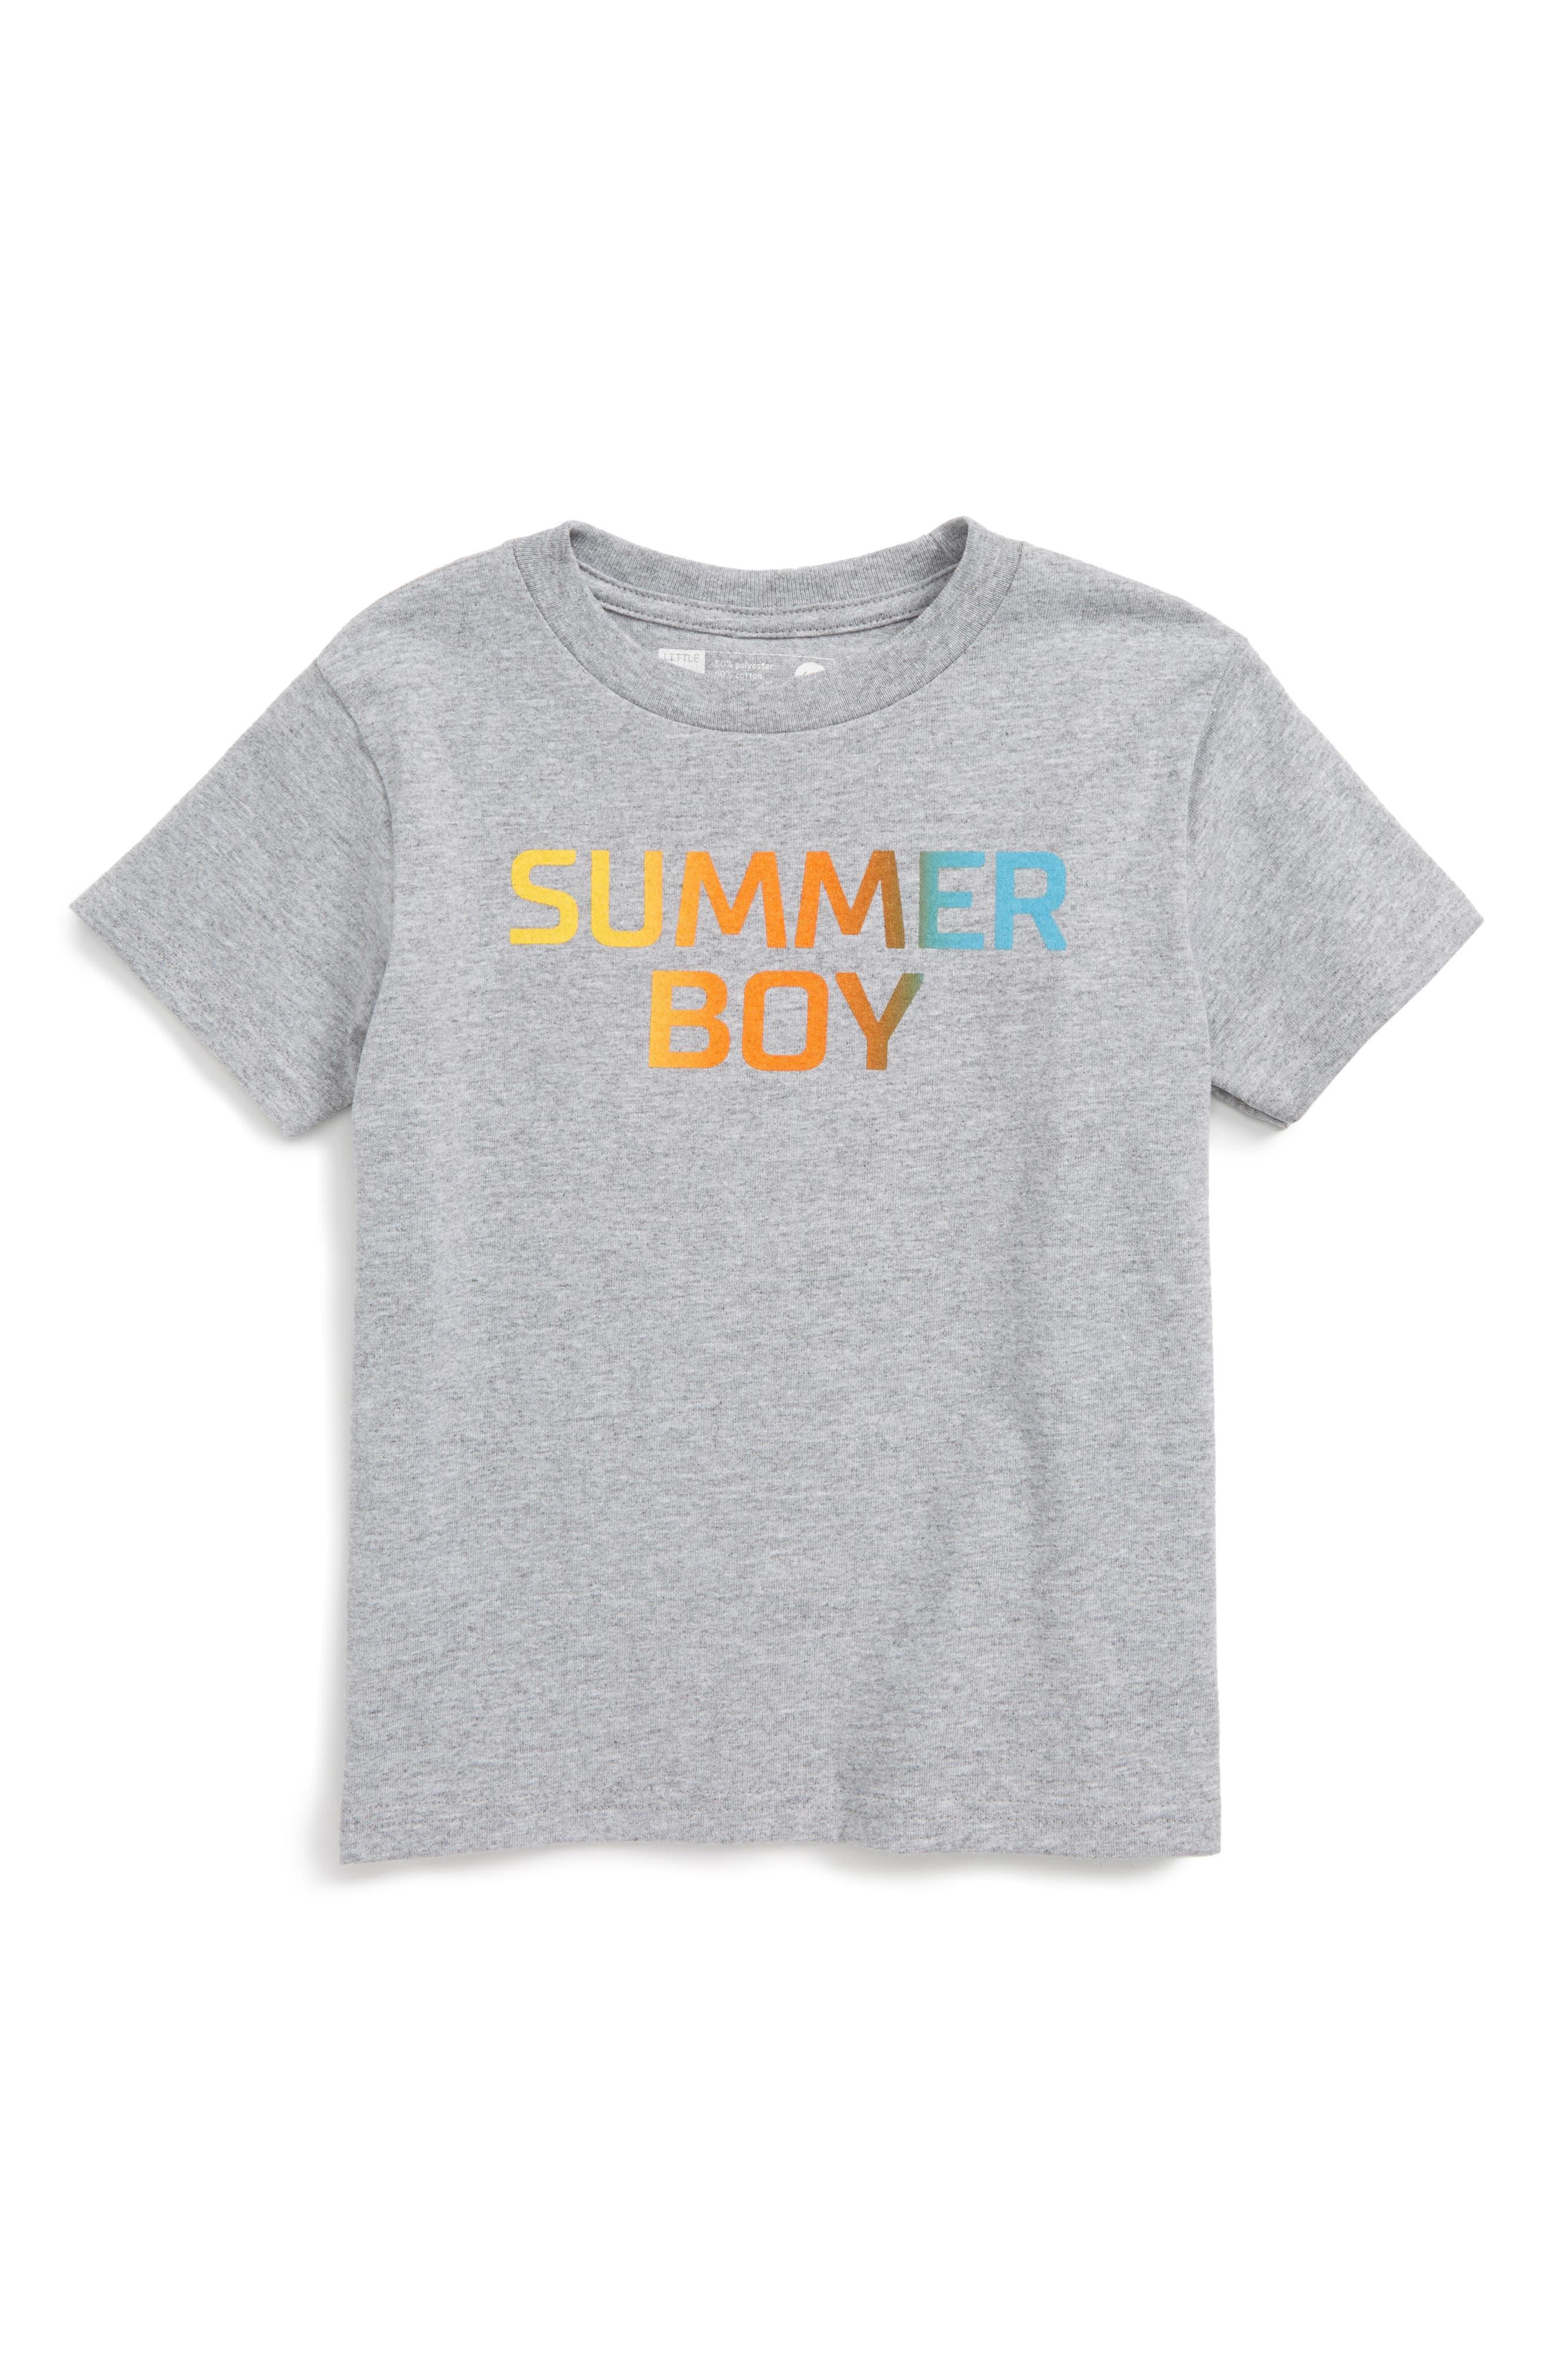 DiLascia Summer Boy Graphic T-Shirt (Toddler Boys, Little Boys & Big Boys)